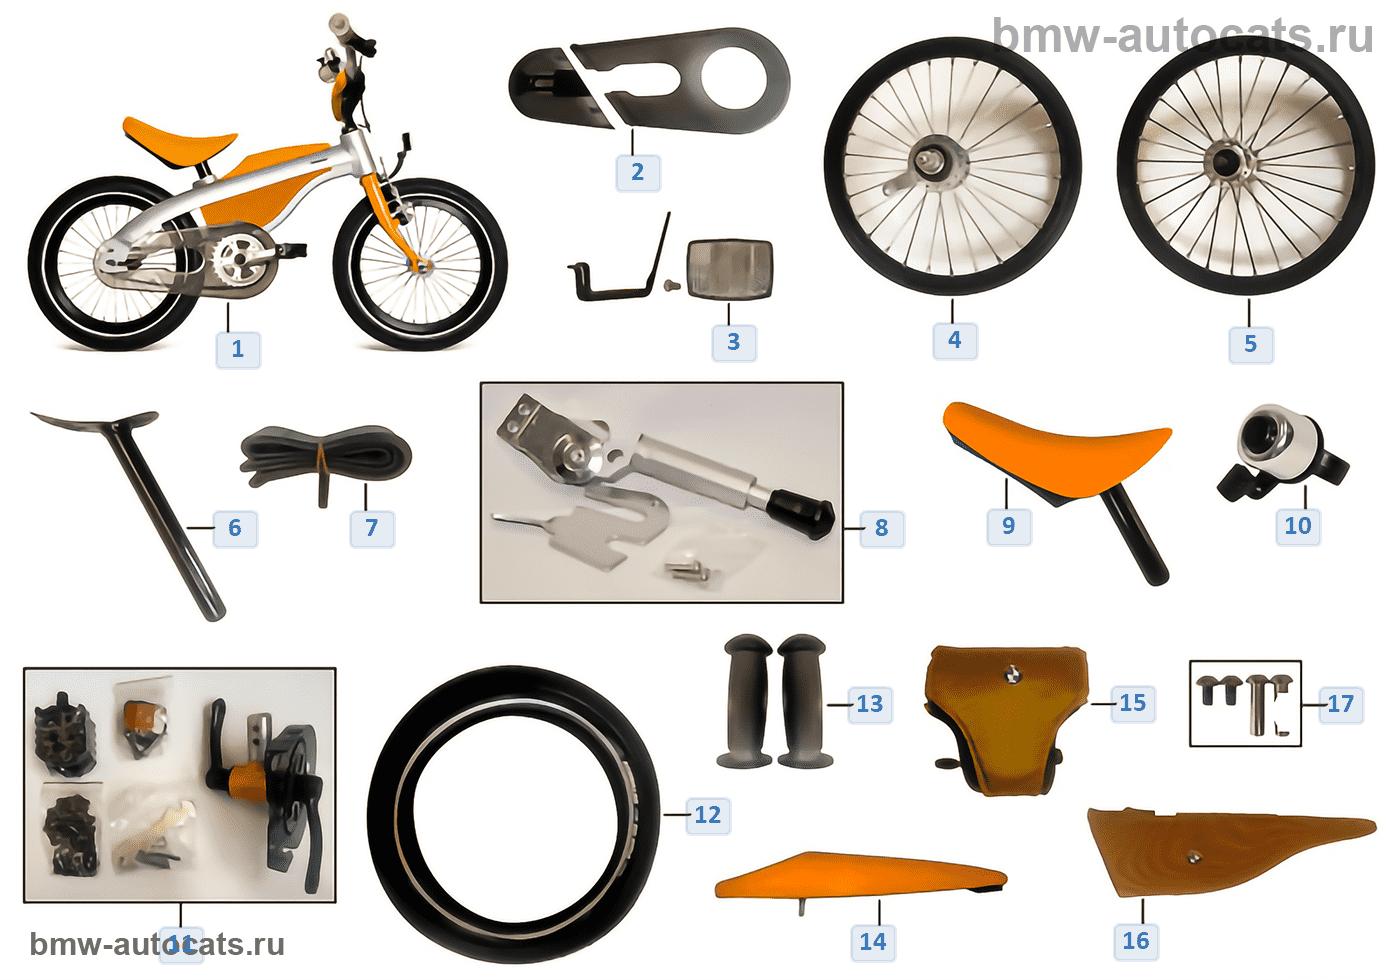 Зап.части BMW — Kidsbike оранж. 0417900